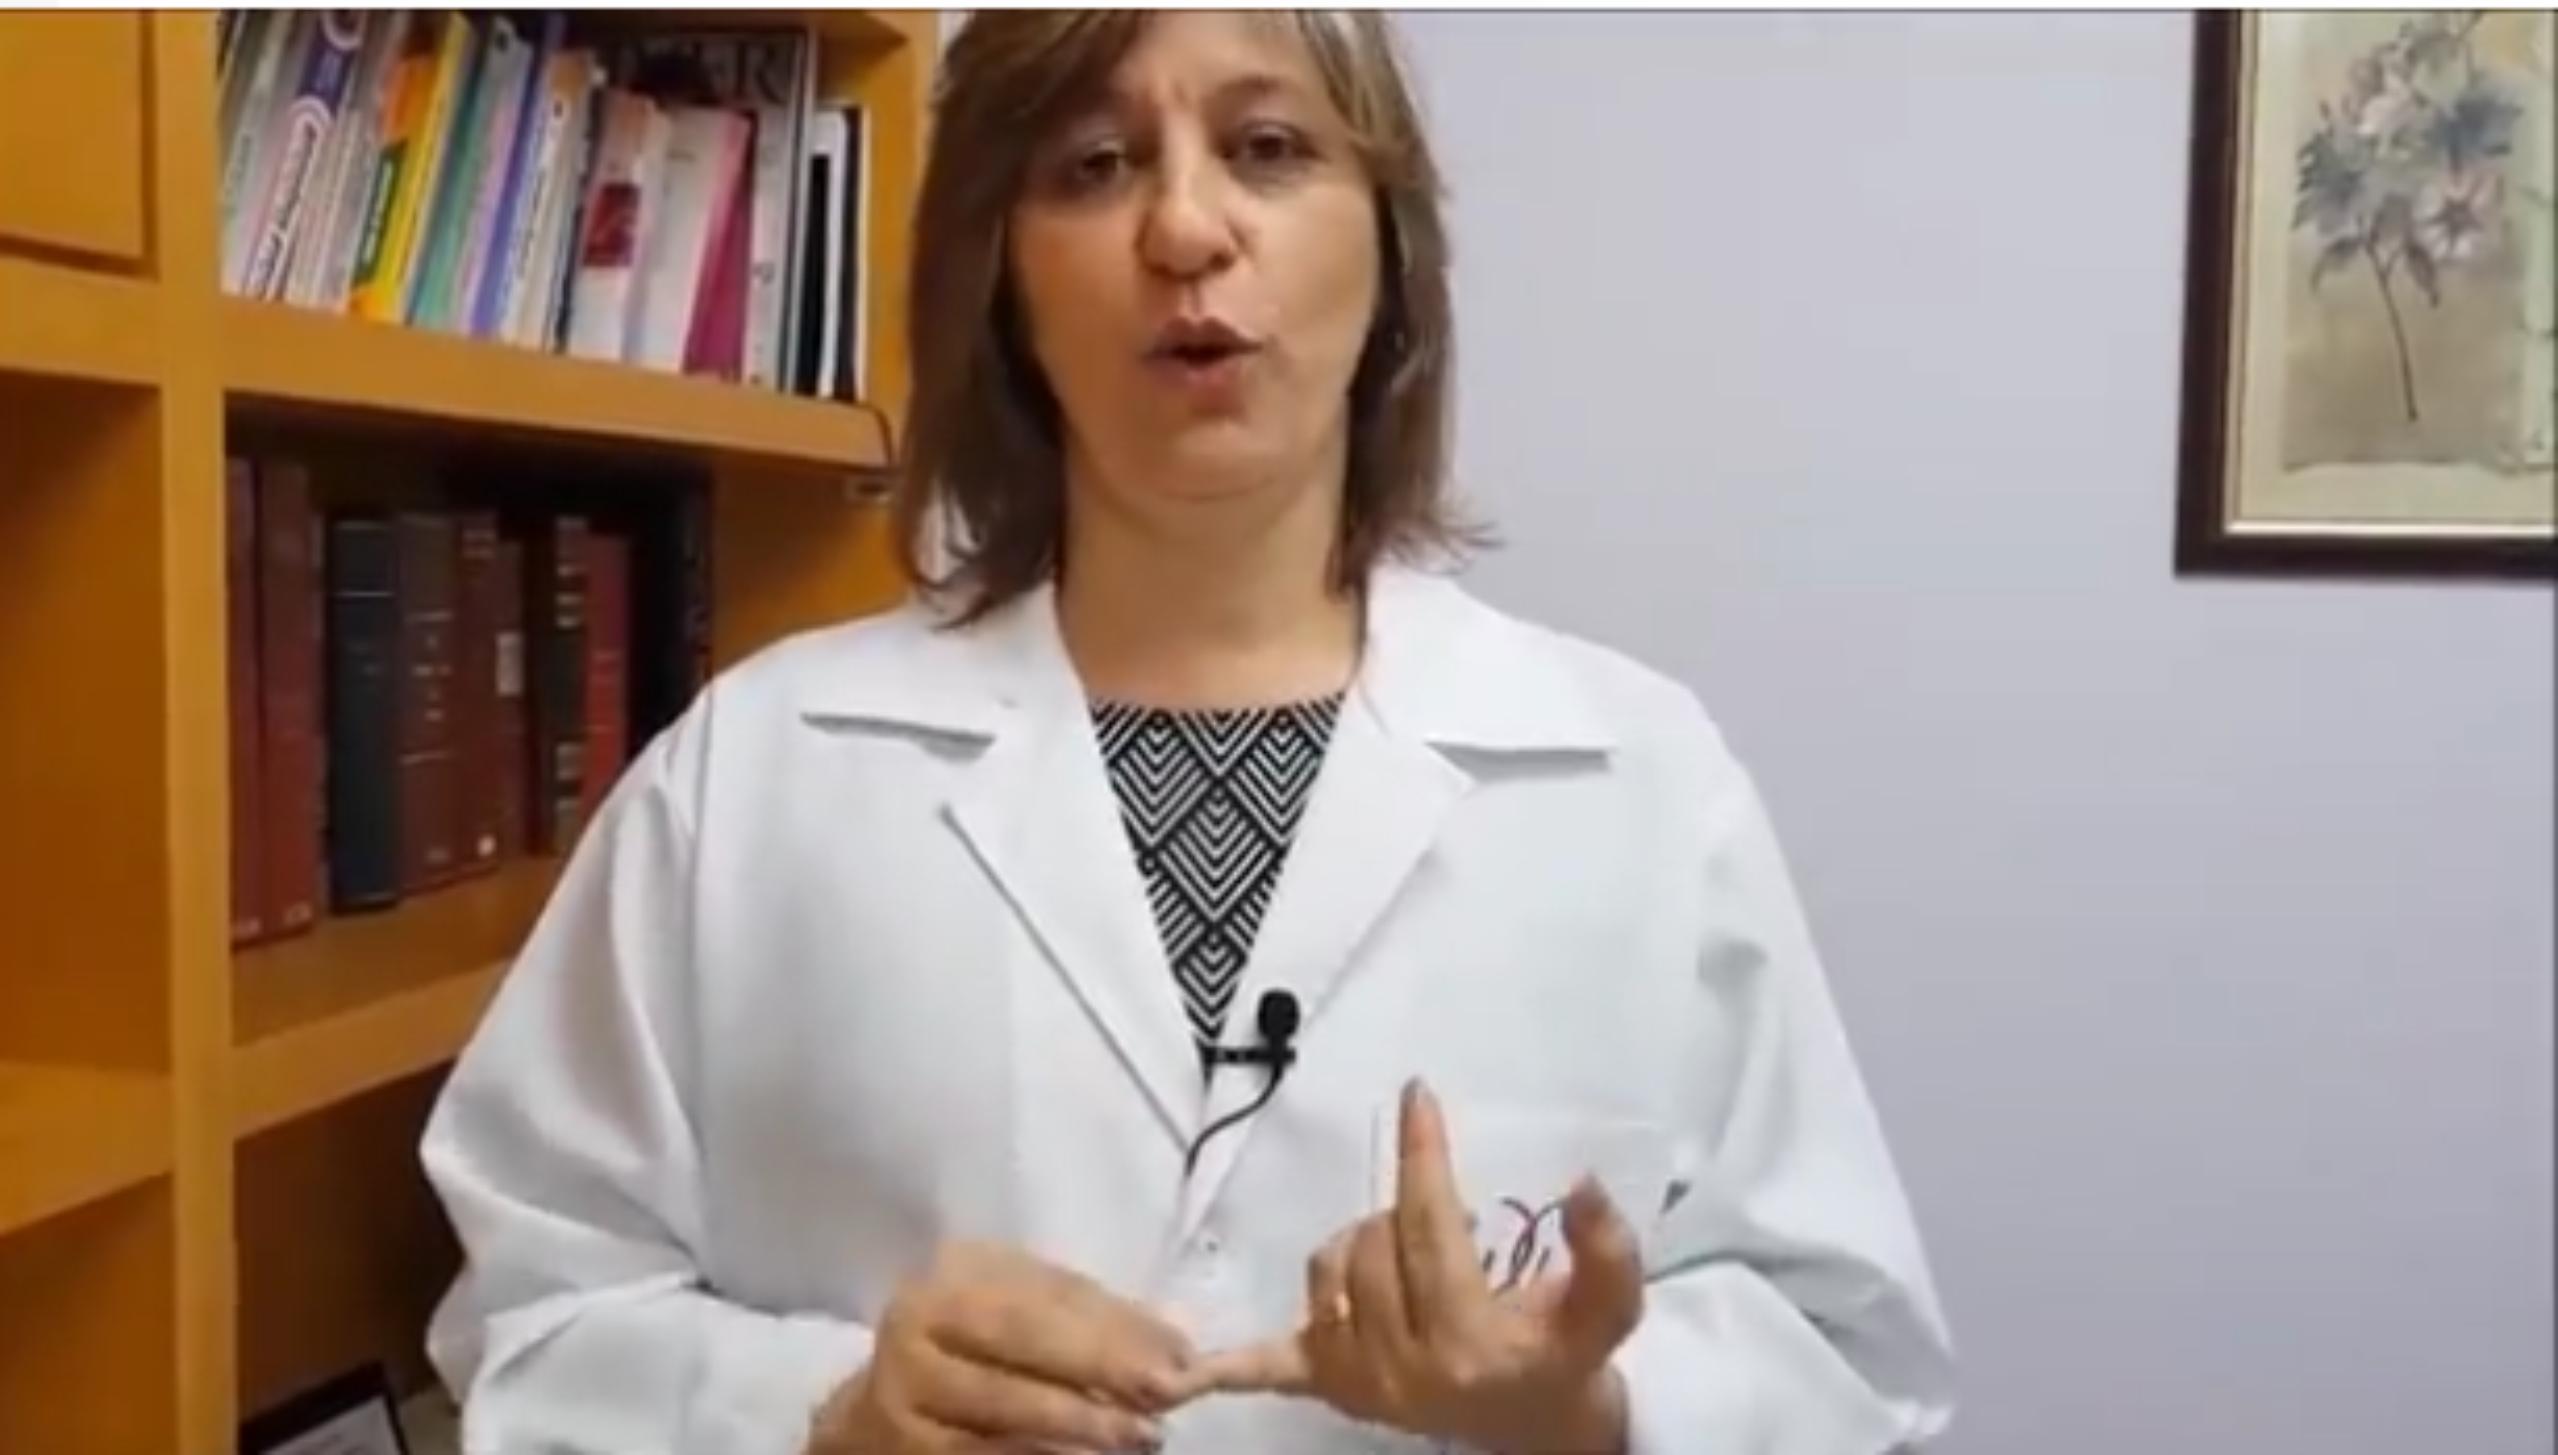 Fonoaudióloga dá dicas de cuidados com a voz - Hospital Nossa Senhora da Graça